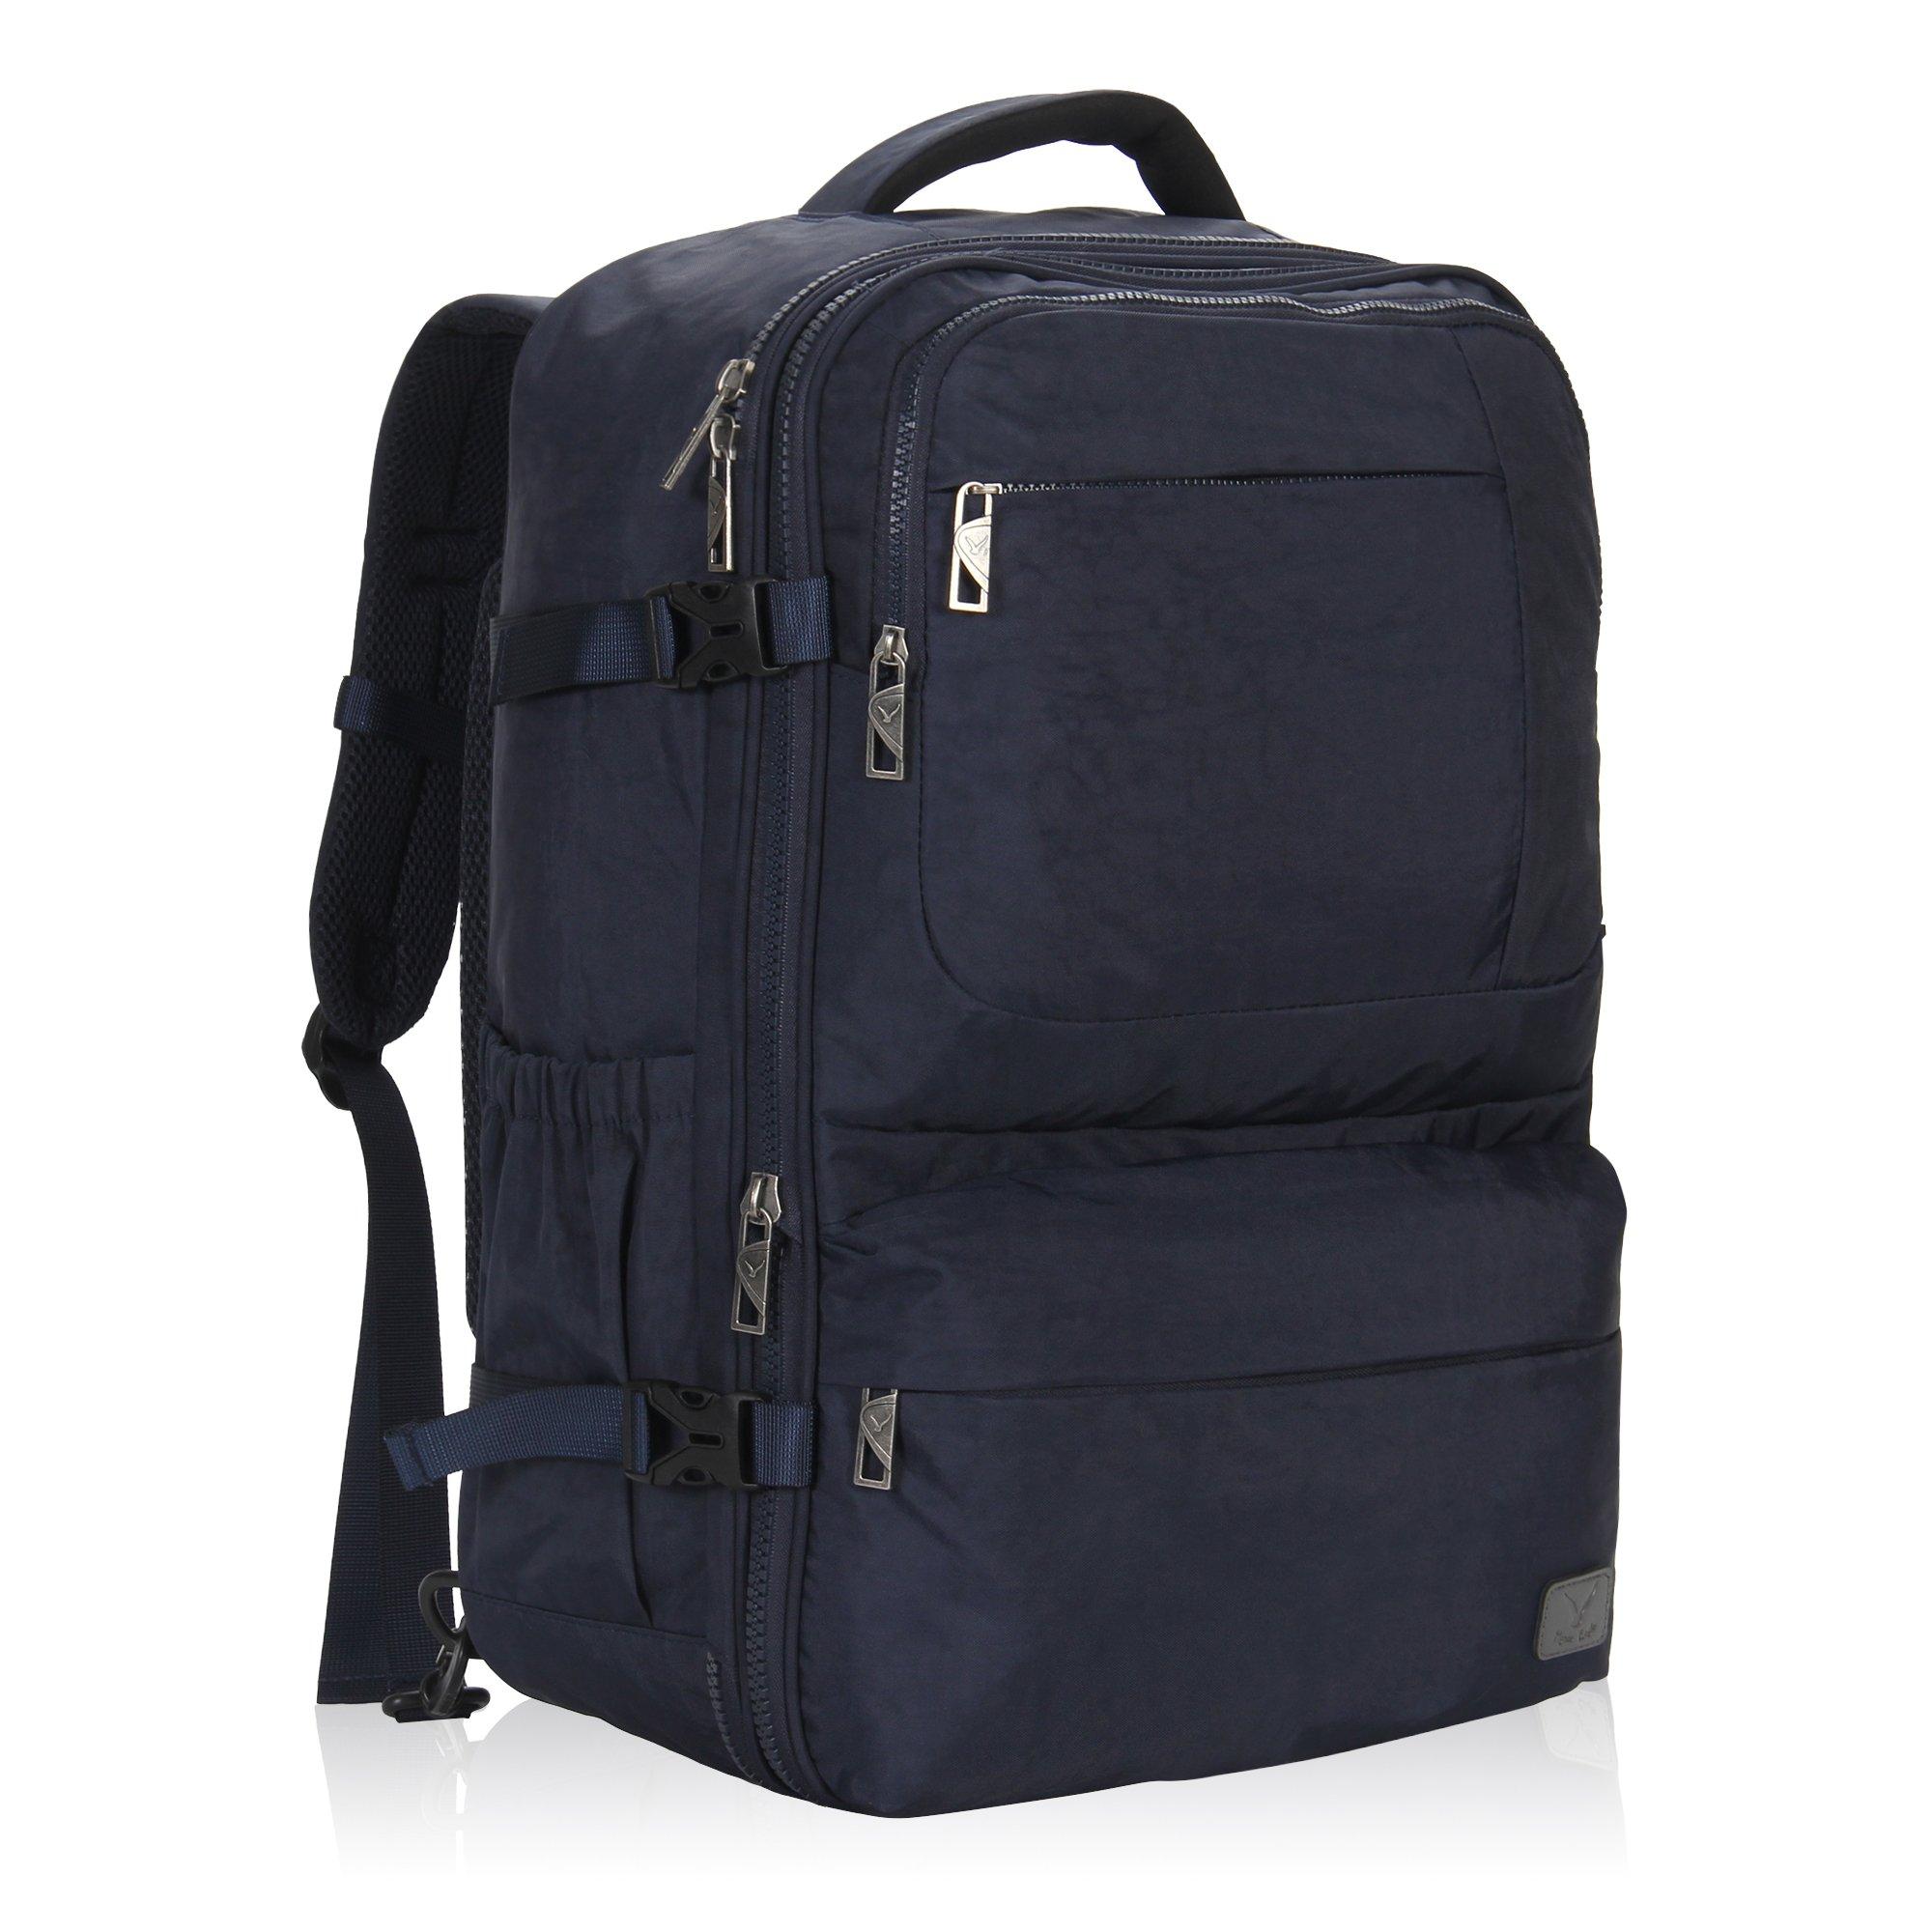 Hynes Eagle 44L Carry on Backpack Flight Approved Compression Travel Pack Cabin Bag, Dark Blue